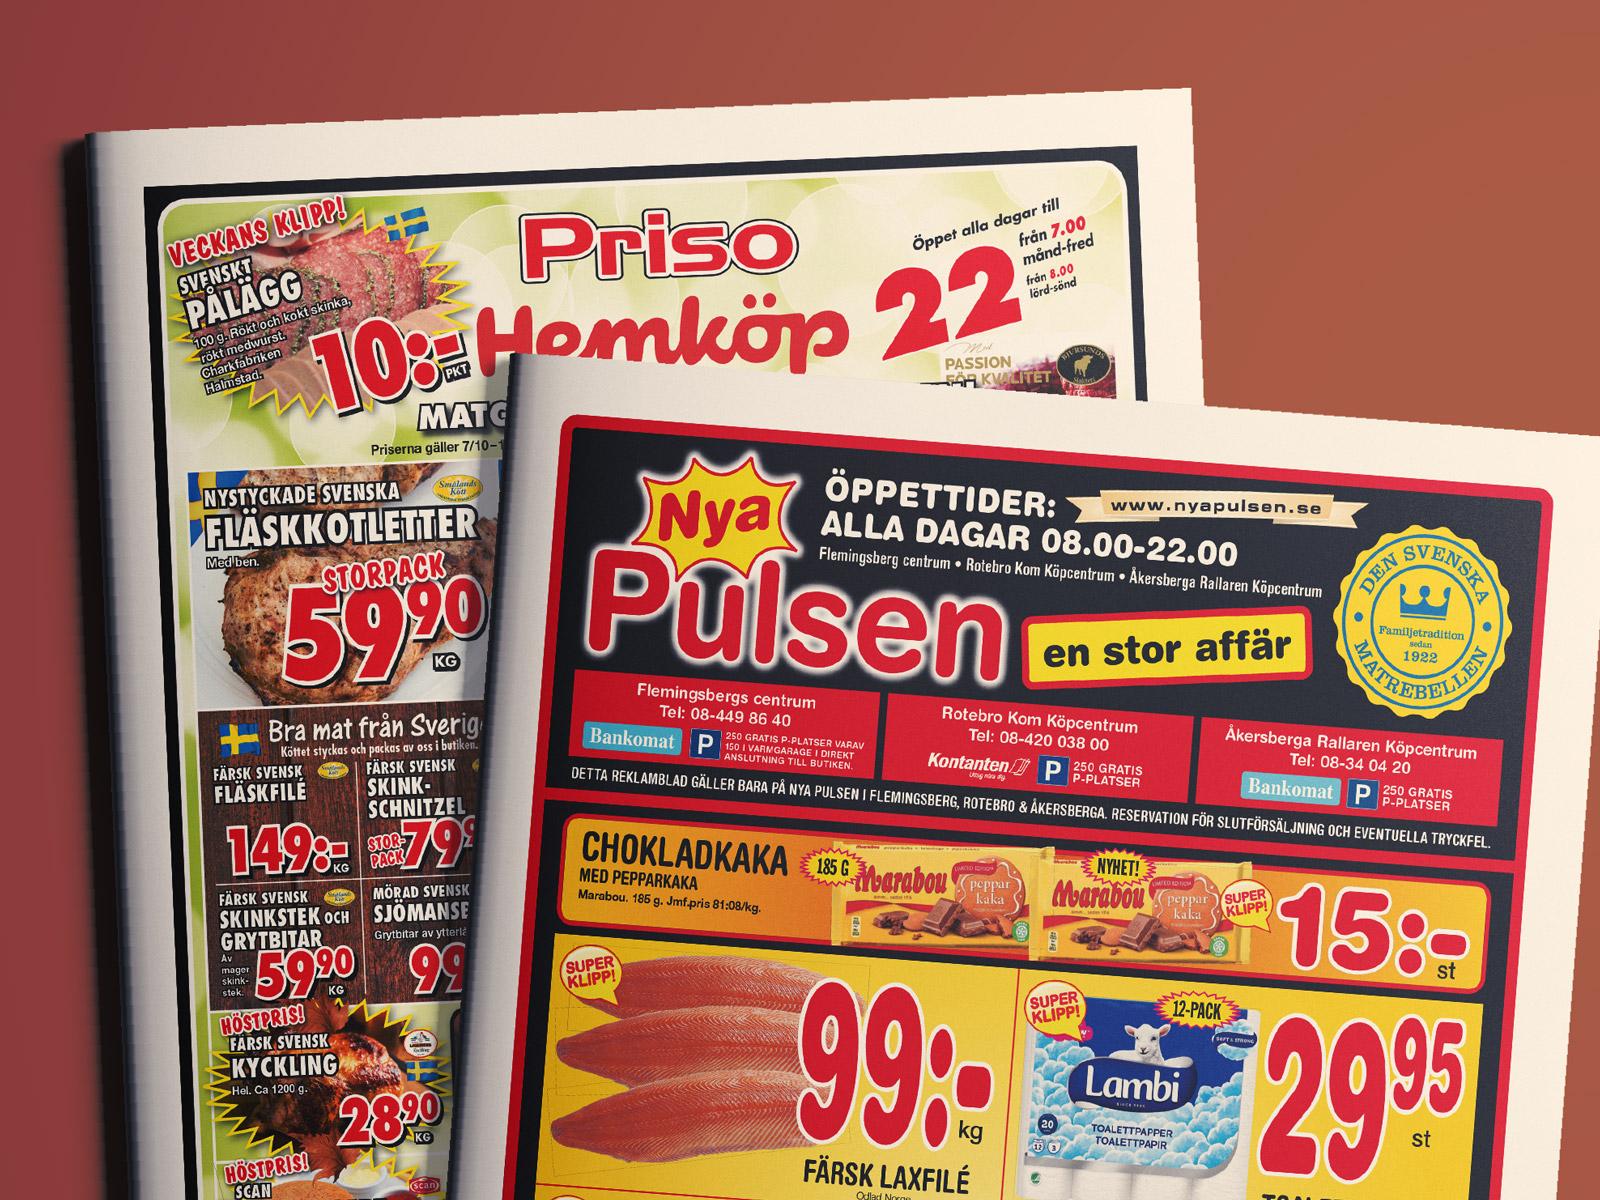 Pulsen_03